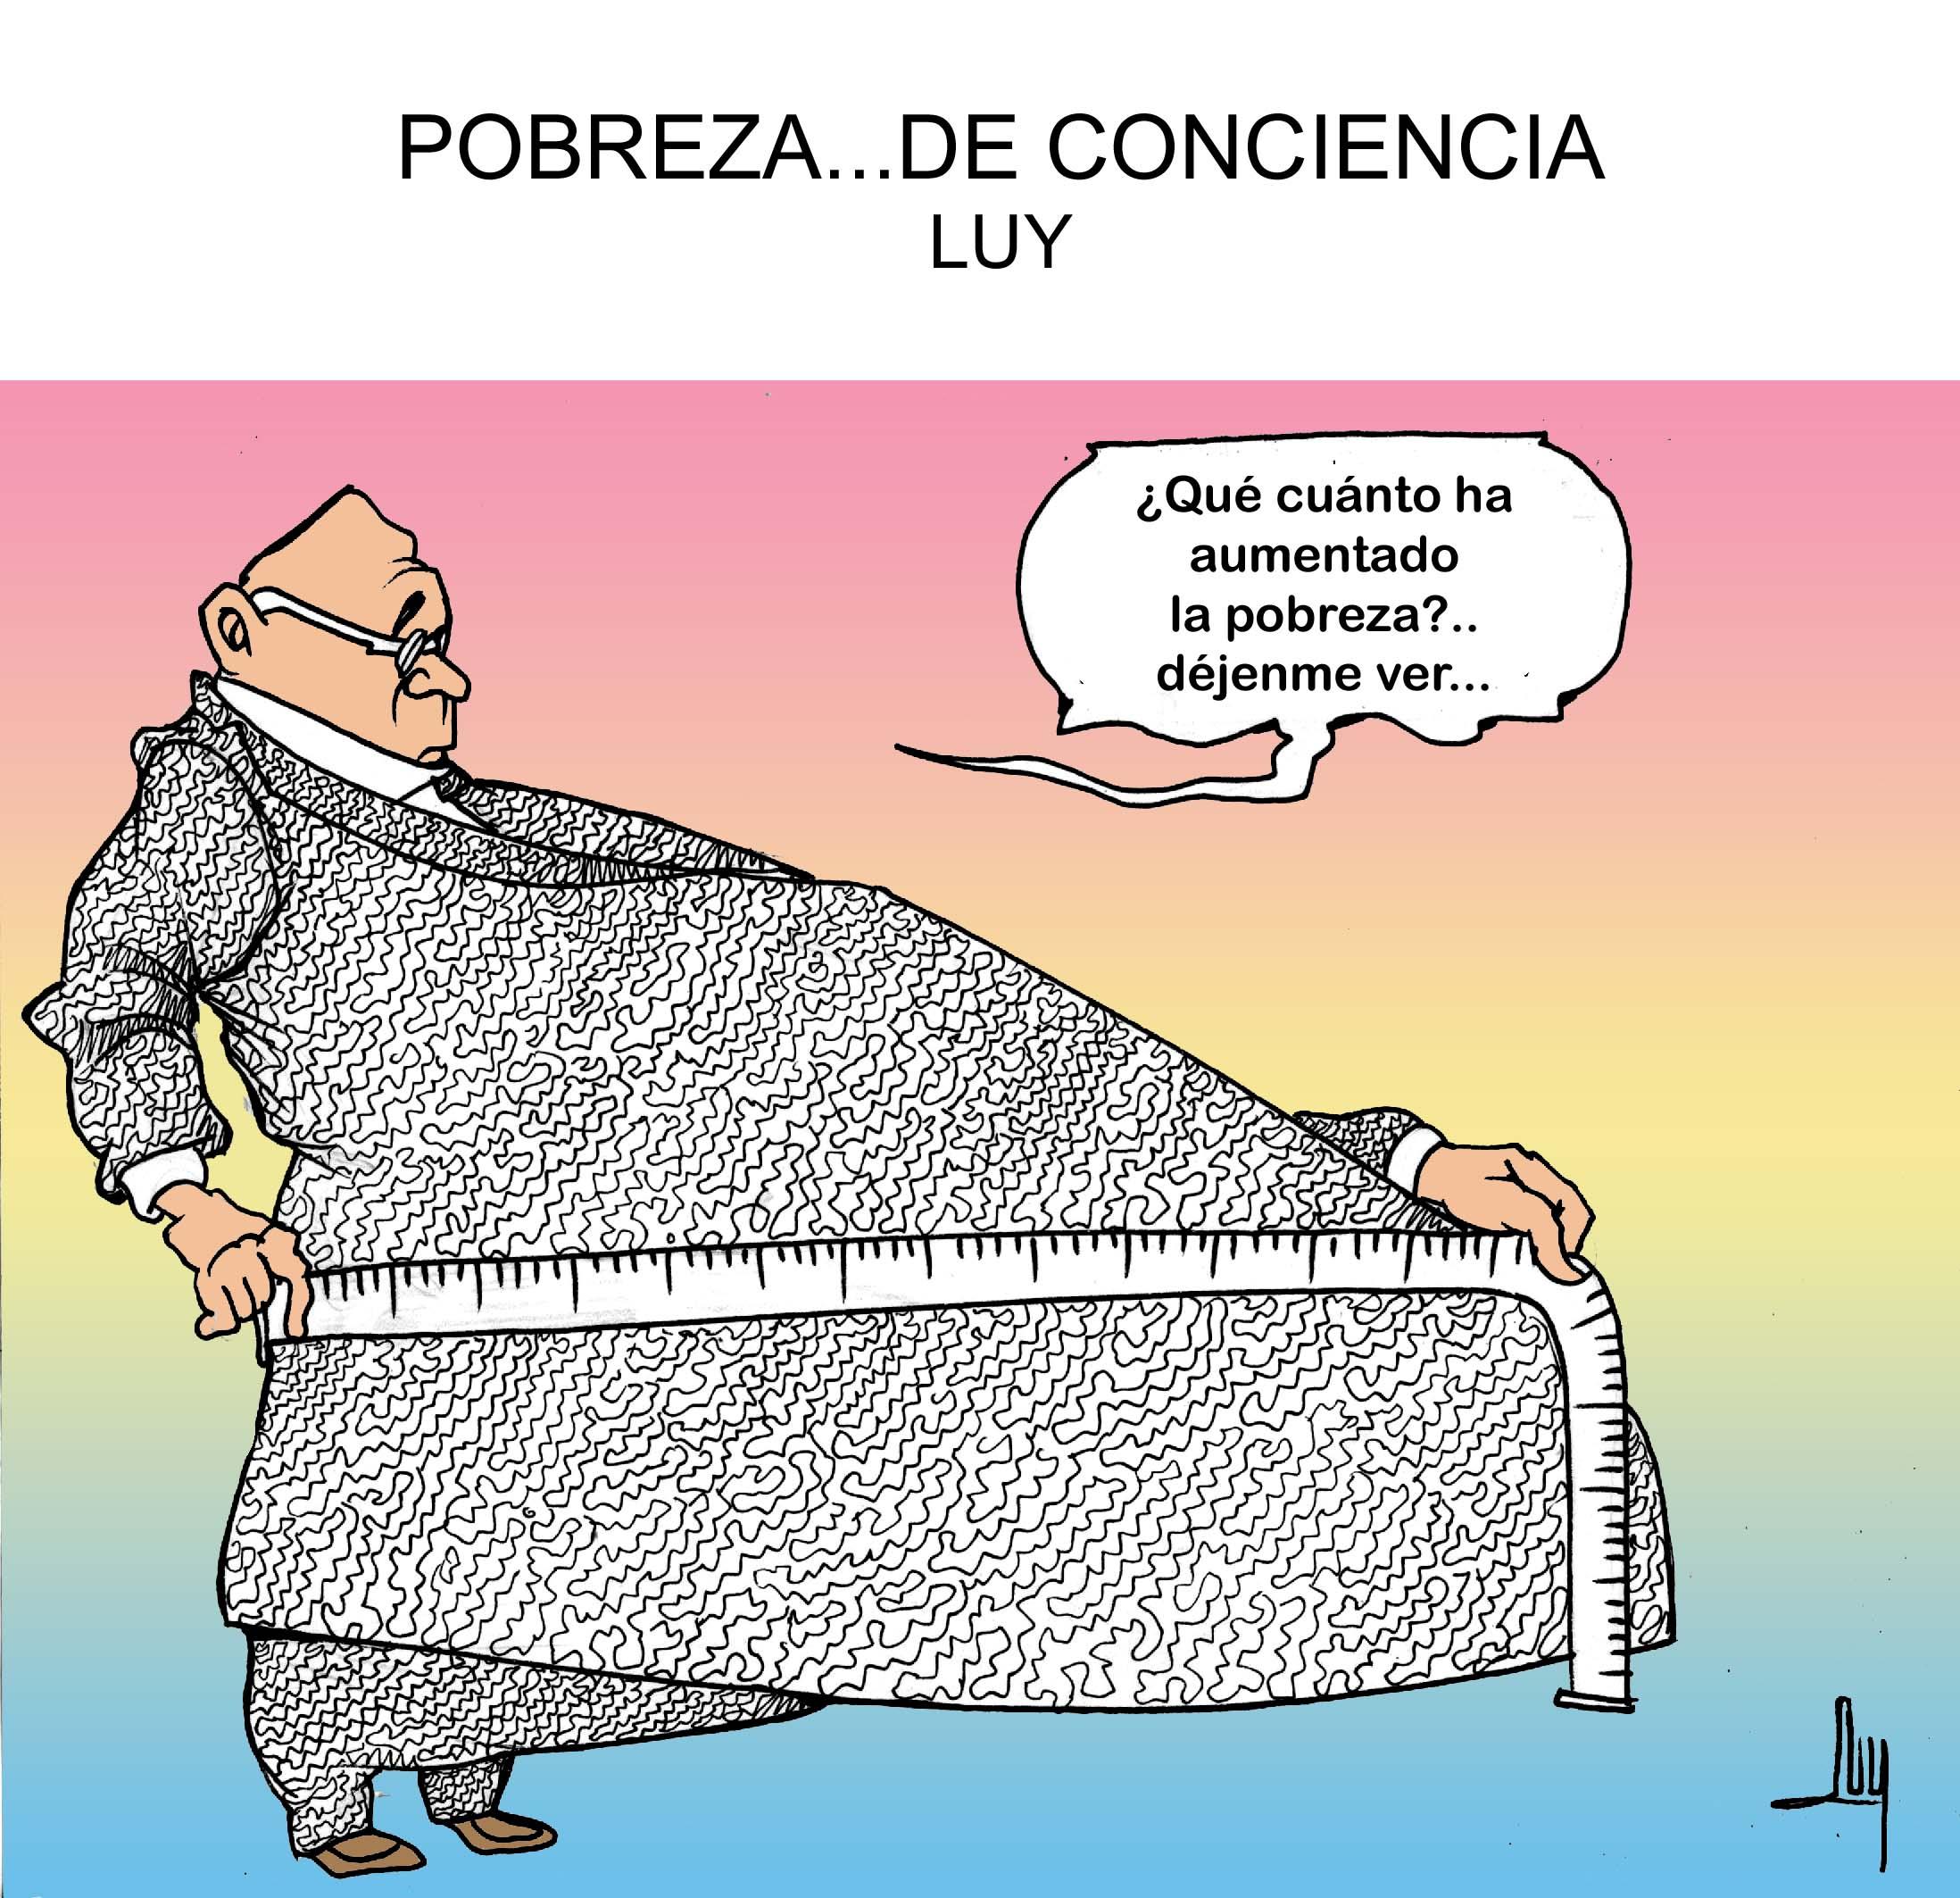 pobreza-conciencia